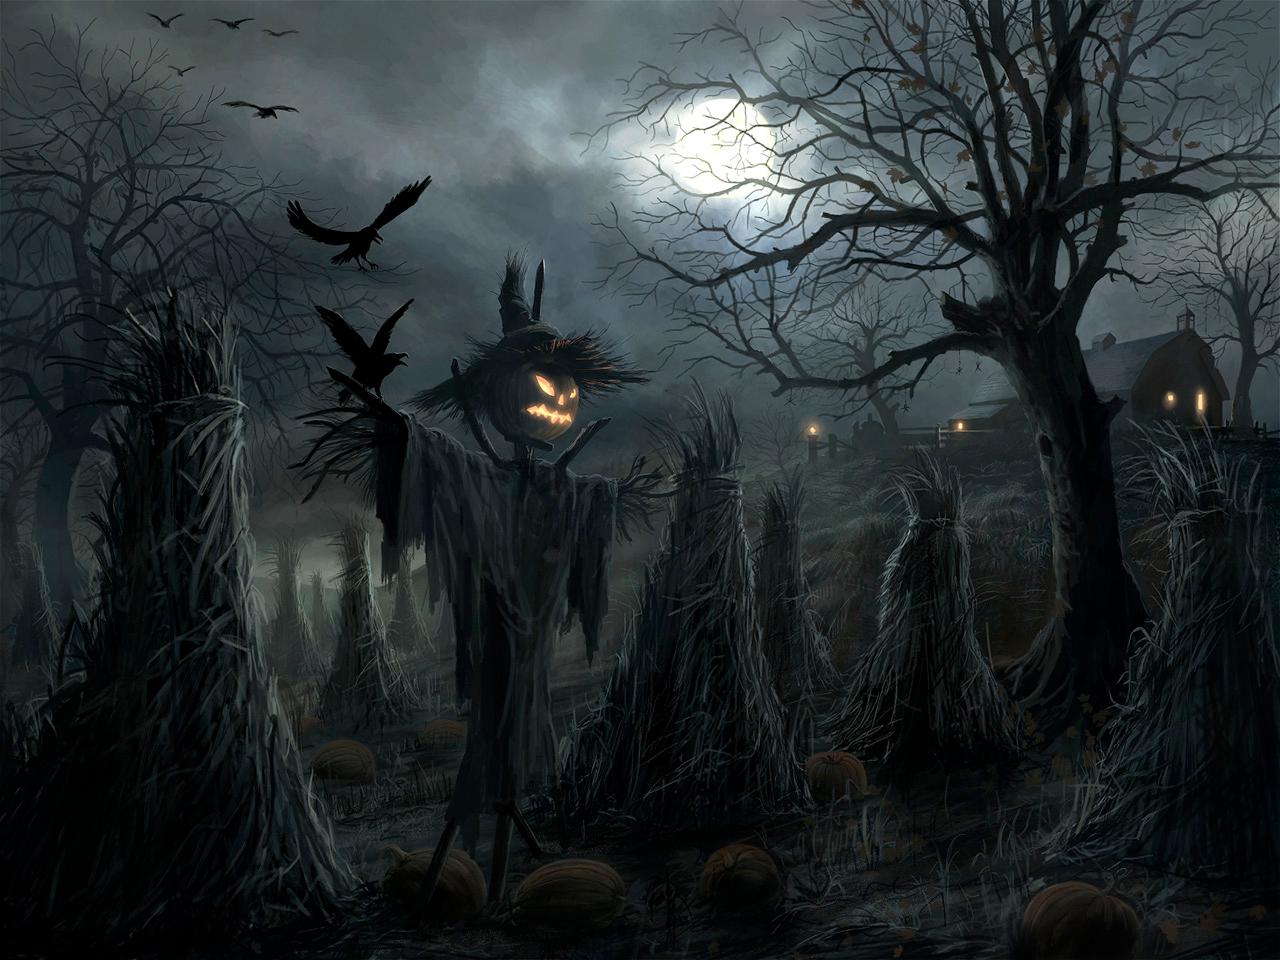 Rado Javor - Scarecrow